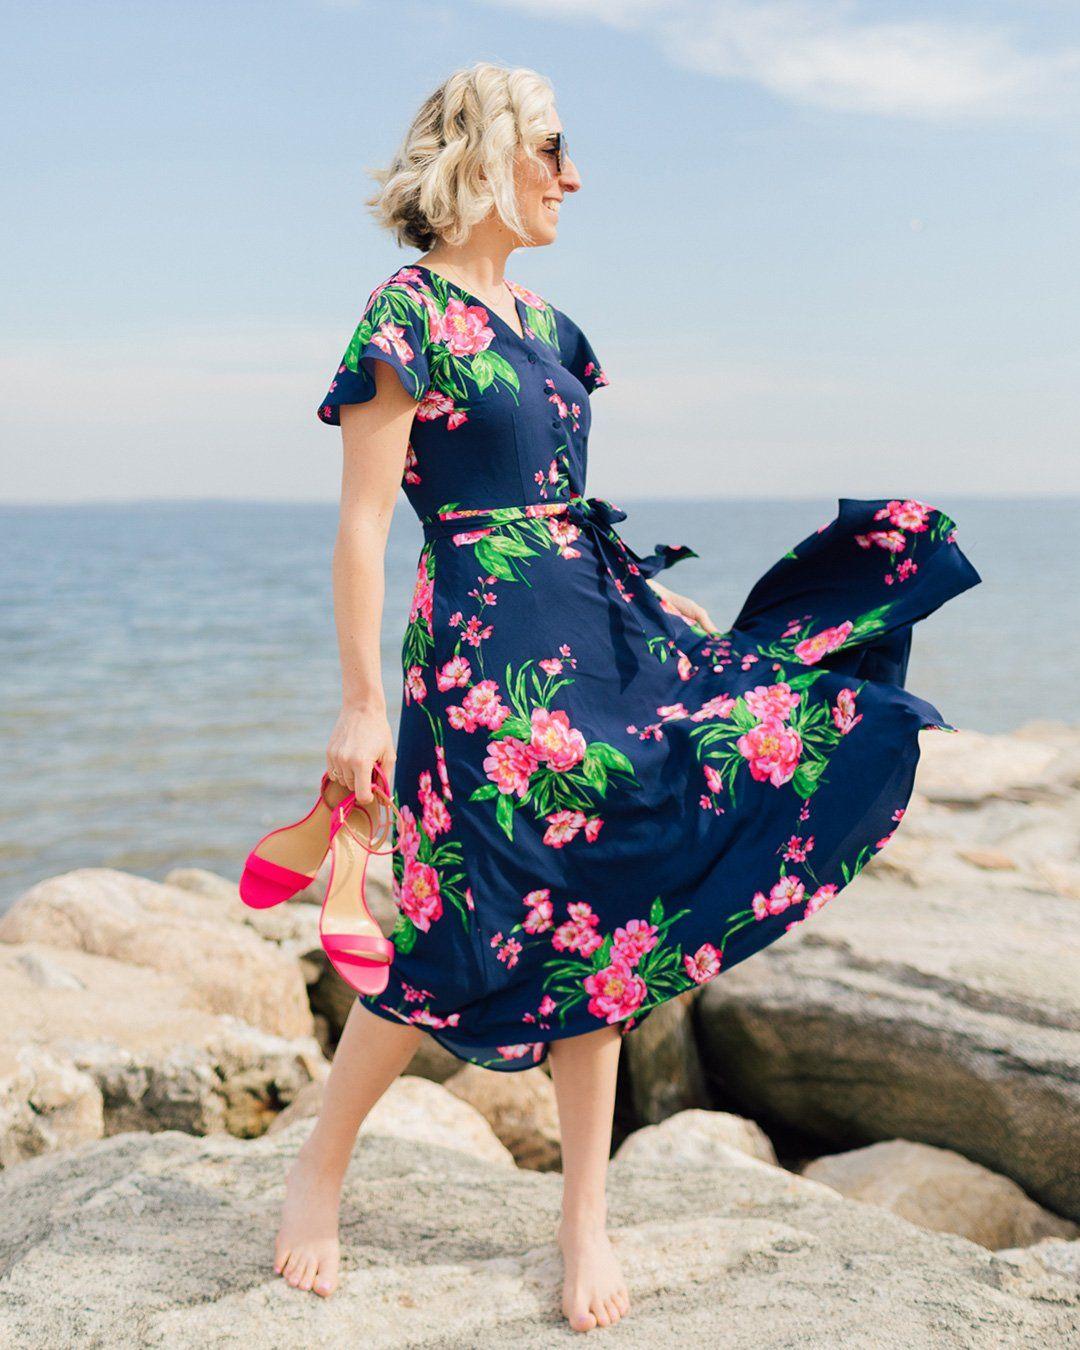 Lemon Stripes X Talbots Talbots Dress Jersey Knit Dress Dresses [ 1350 x 1080 Pixel ]